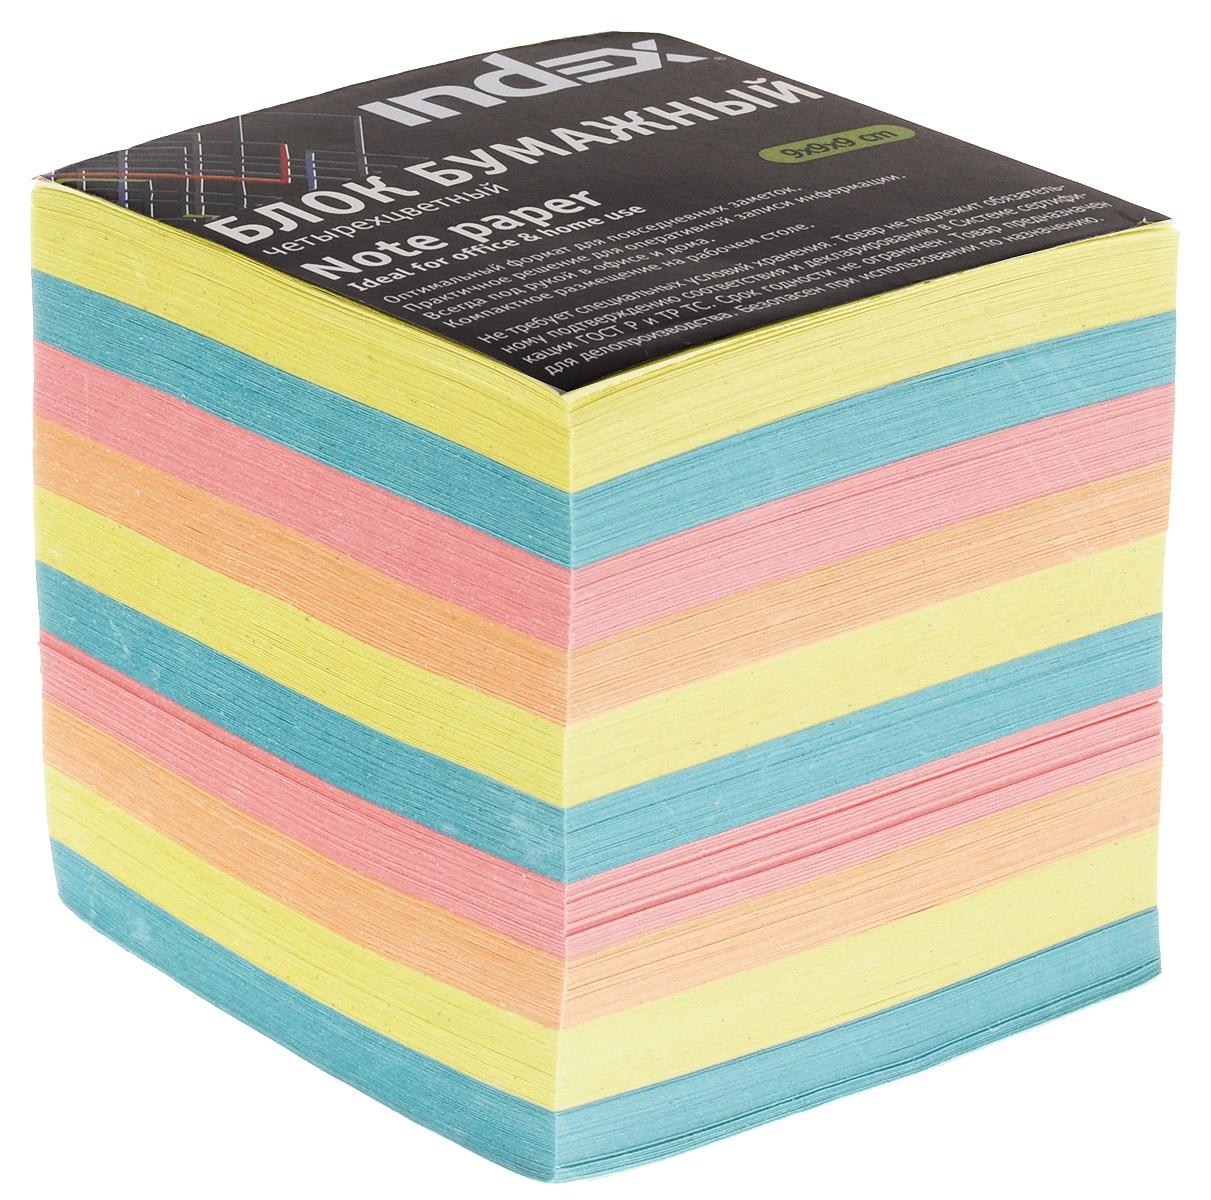 Index Блок для записей многоцветный цвет желтый бирюзовый розовыйI9910/N/R_ желтый, бирюзовый, розовый, оранжевыйБумага для записей Index - практичное решение для оперативной записи информации в офисе или дома. Блок состоит из листов разноцветной бумаги, что помогает лучше ориентироваться во множестве повседневных заметок. Яркий блок-кубик на вашем рабочем столе поднимет настроение вам и вашим коллегам!